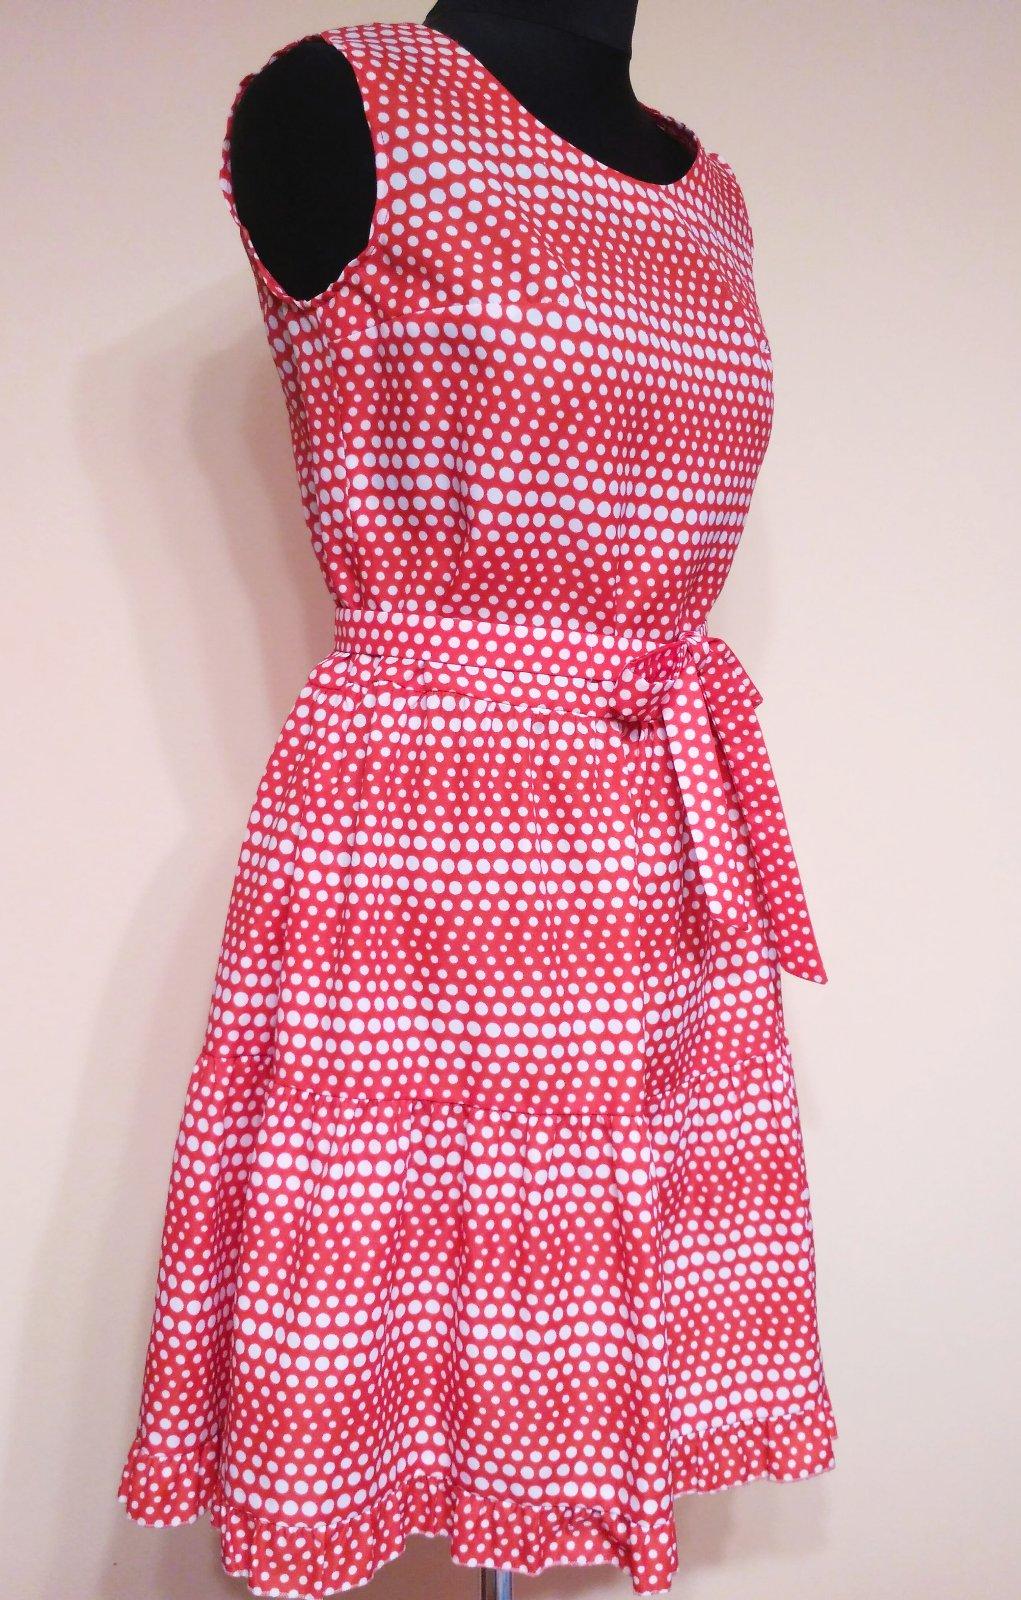 c1f1adc26b242 Retro červeno-biele bodkované šaty, m - 15 € od predávajúcej angi_lele |  Detský bazár | ModryKonik.sk